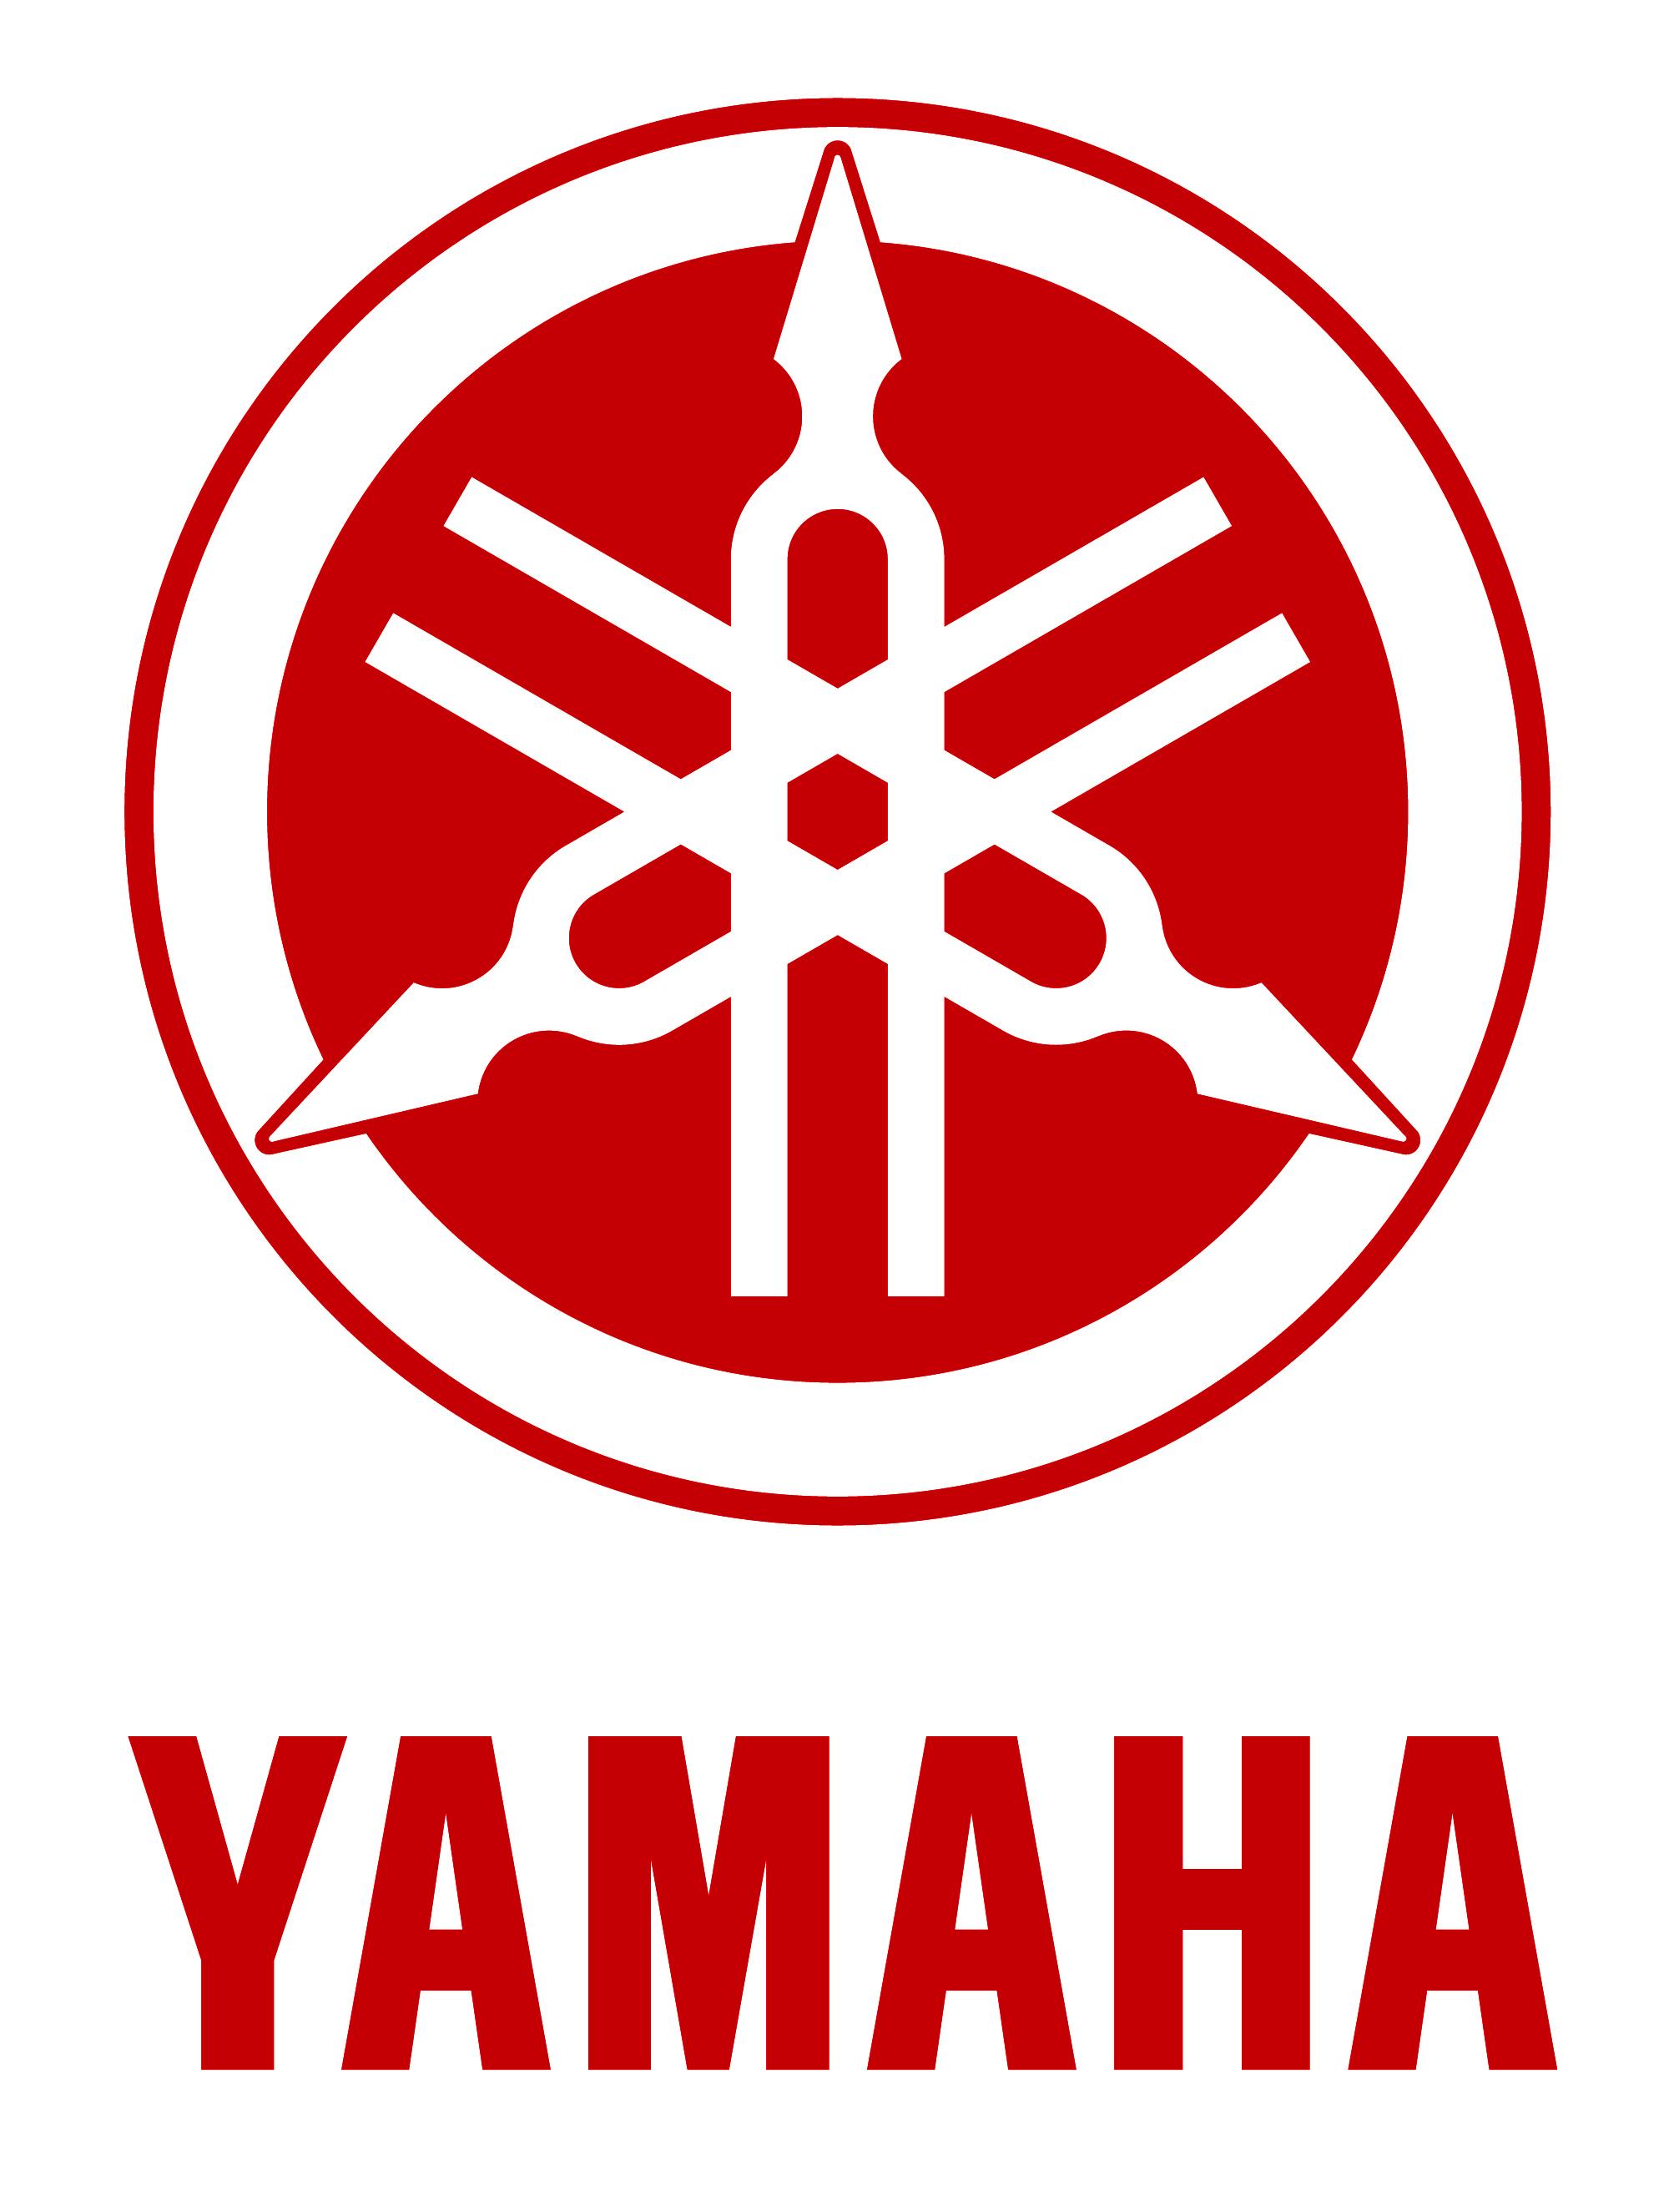 image logo yamaha  2  jpg motorcycle wiki fandom harley davidson logos wallpapers harley davidson logos wallpapers